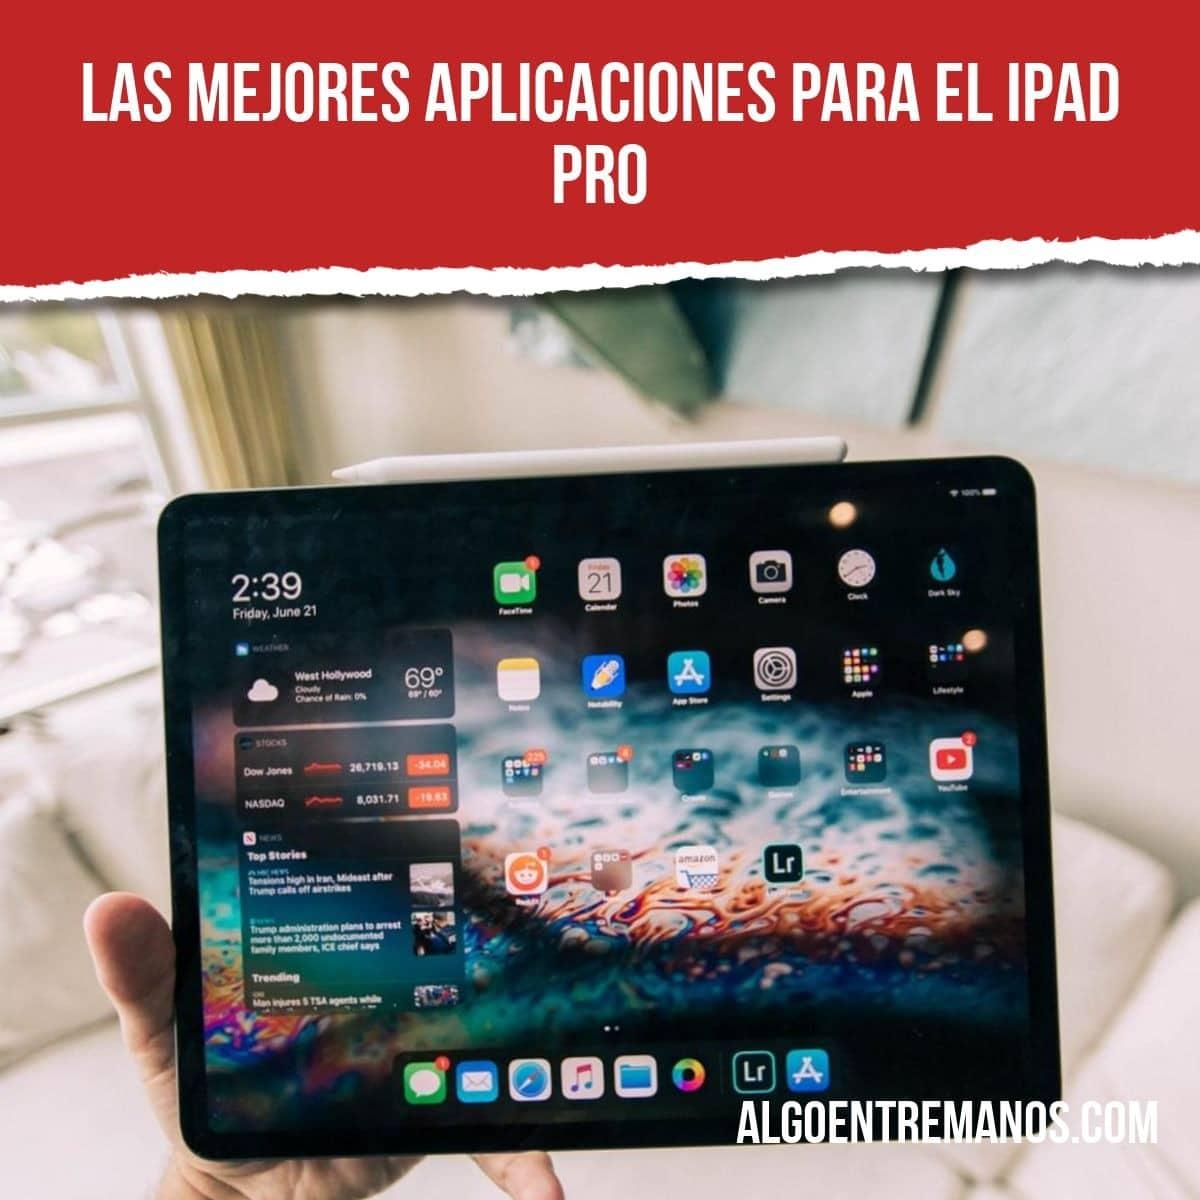 Las mejores aplicaciones para el iPad Pro (productividad)